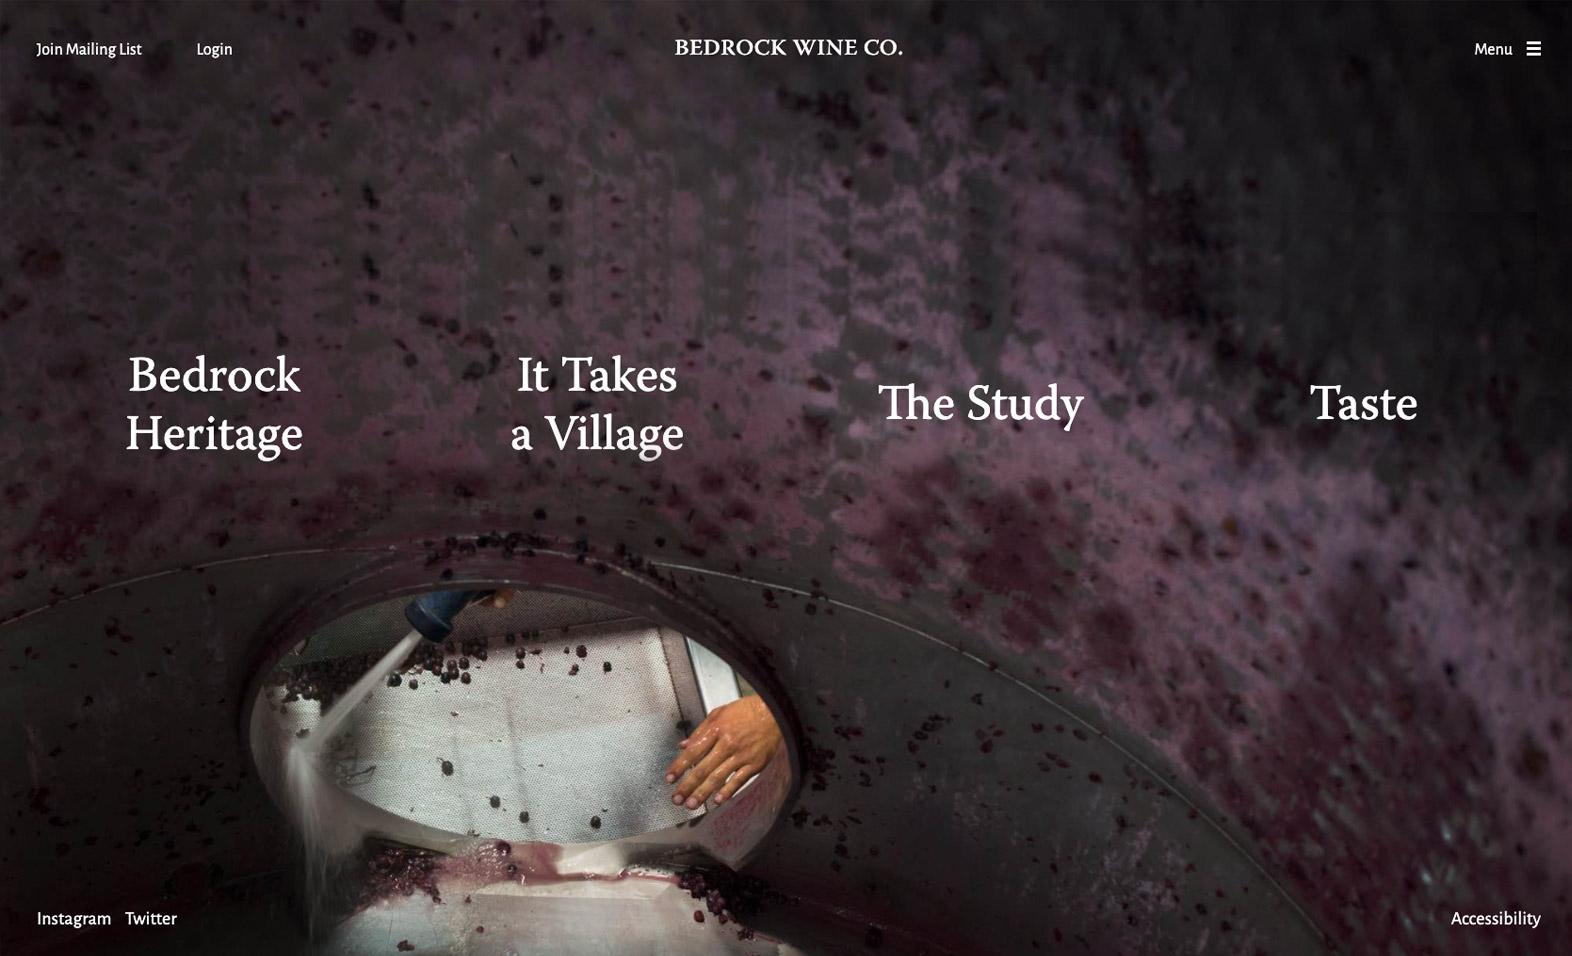 Bedrock Wine Co. Website